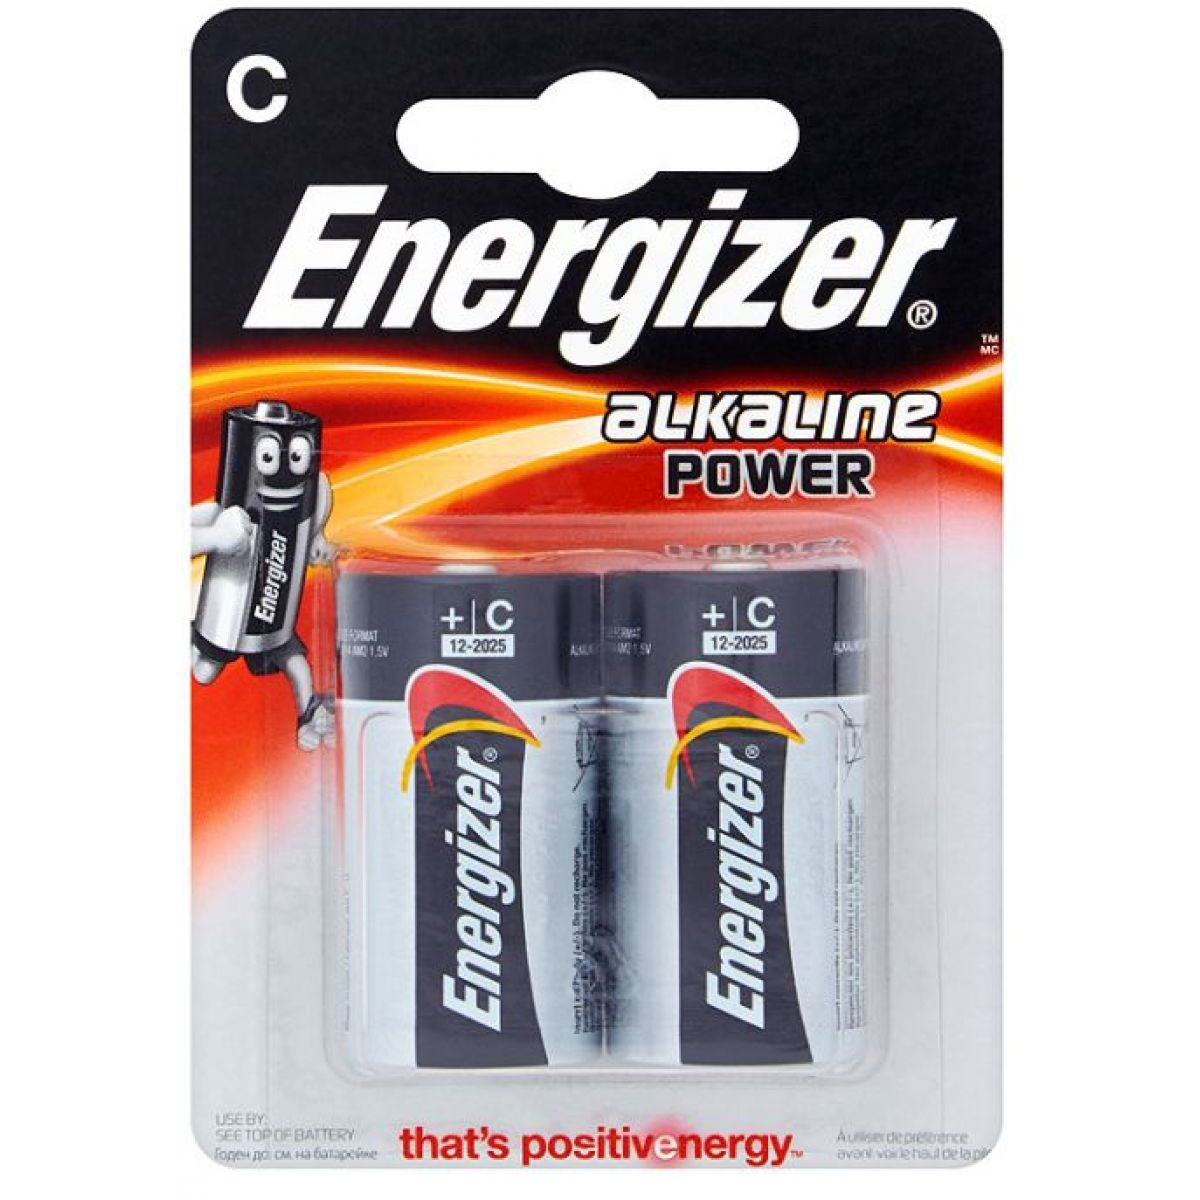 Energizer Alkaline Power C 2pack